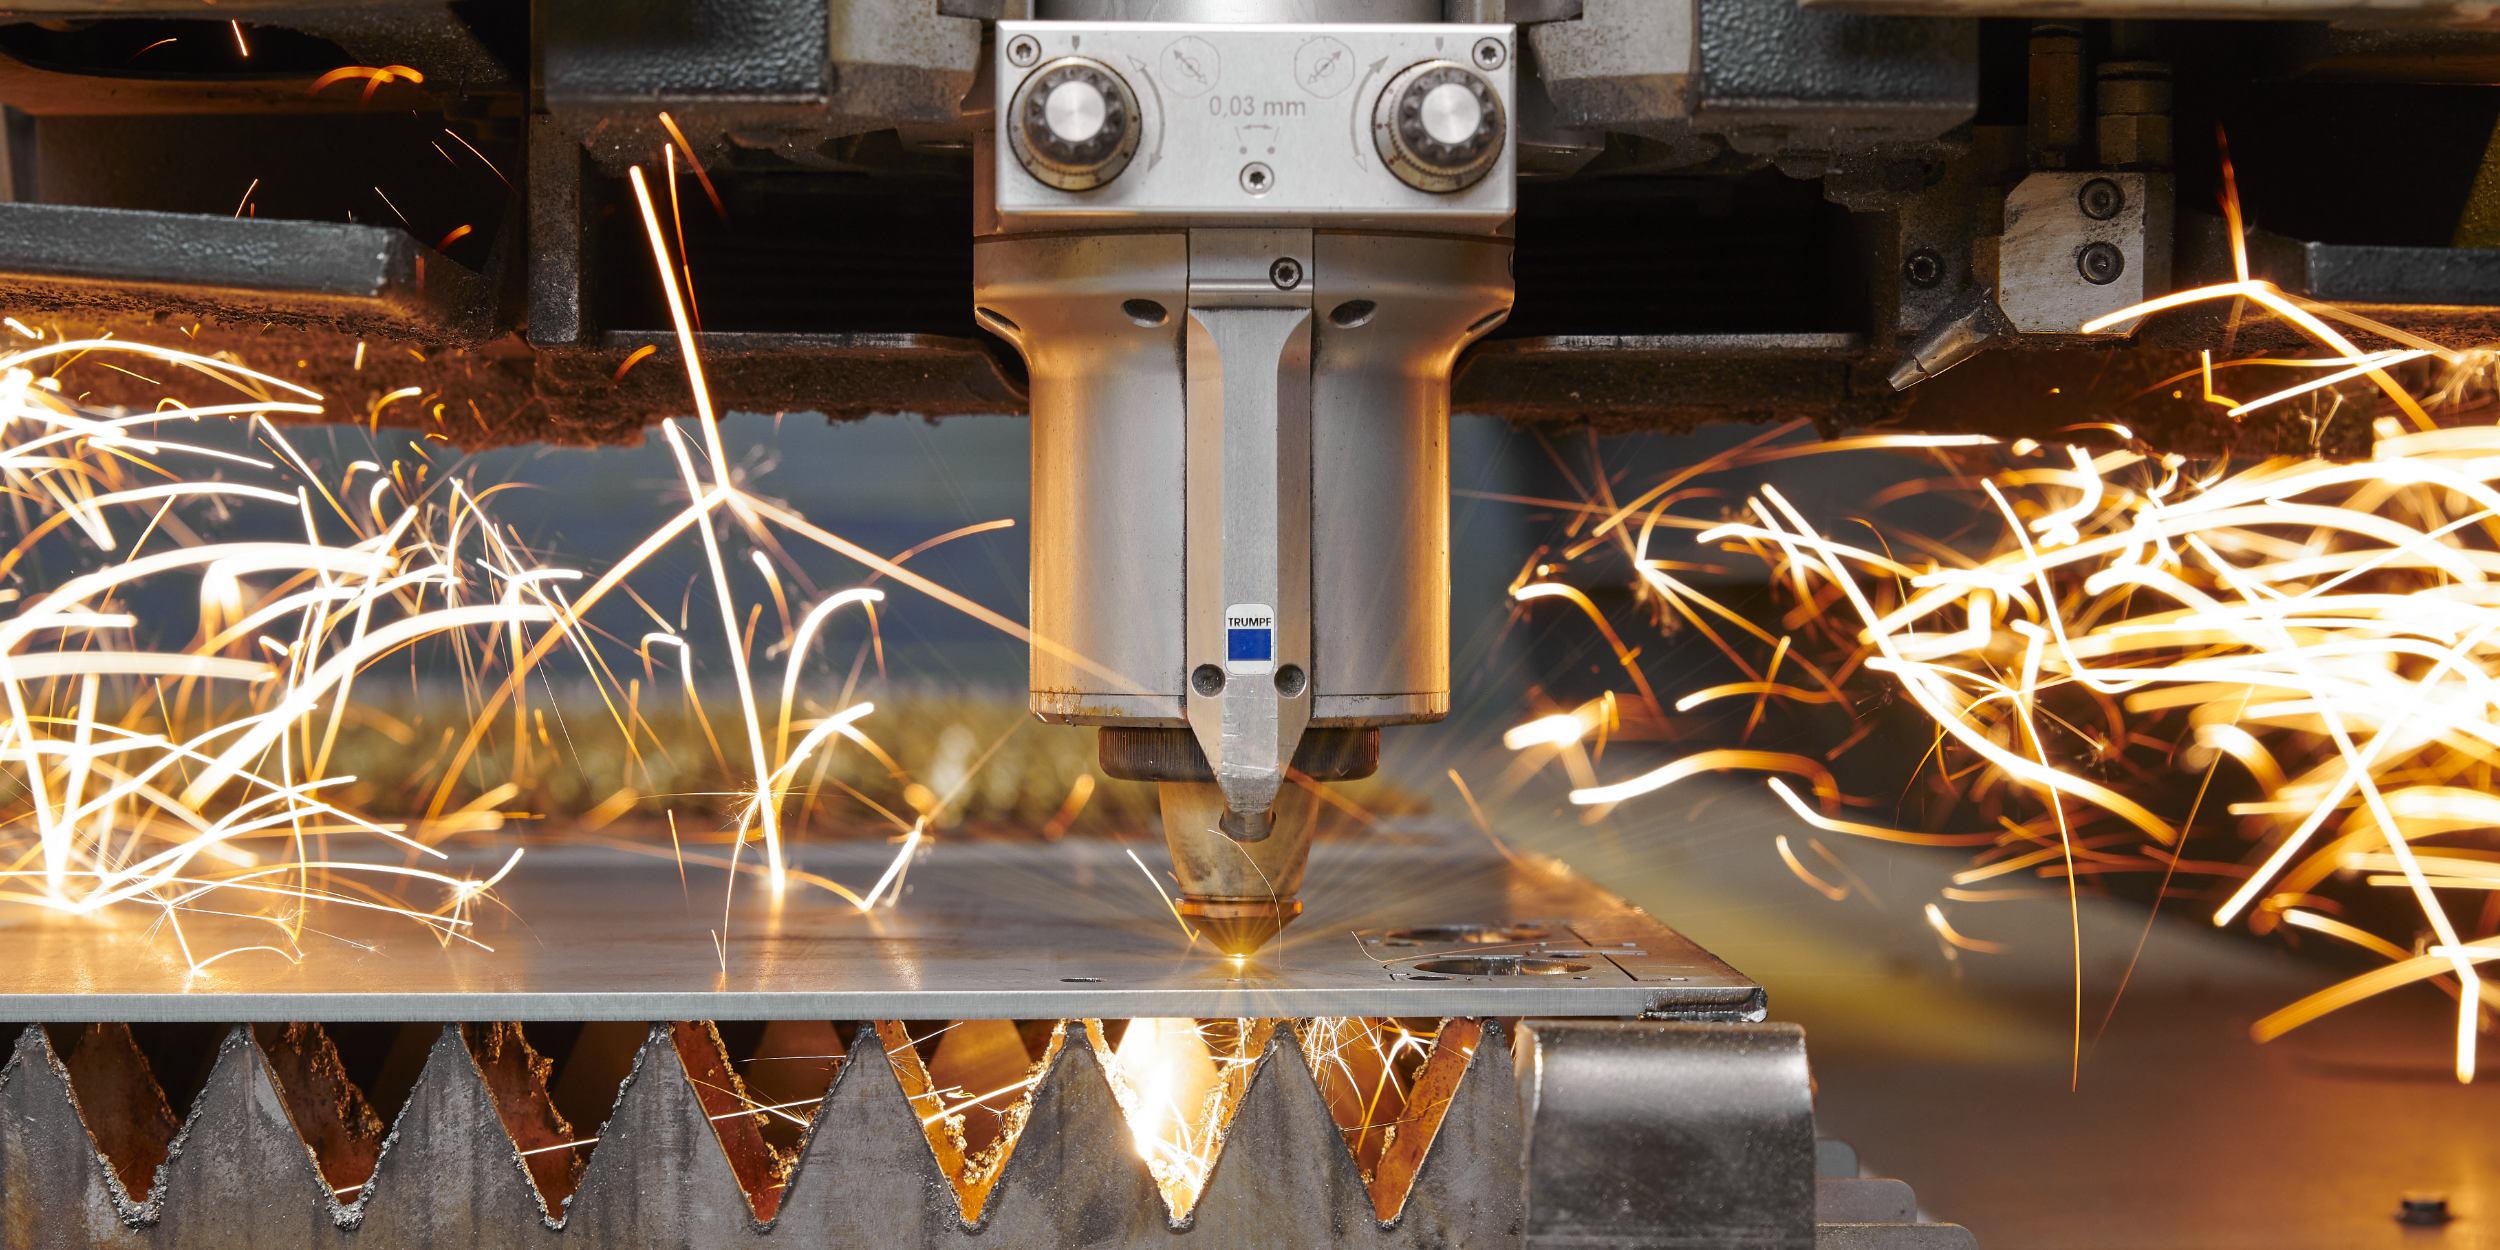 Industriefotografie Stuttgart und Umgebung CEM Blech Leonberg Höfingen Lasertechnik Schweissen Blechbearbeitung Imagebilder Industrie und Mensch Laserschneiden TRUMPF Maschine